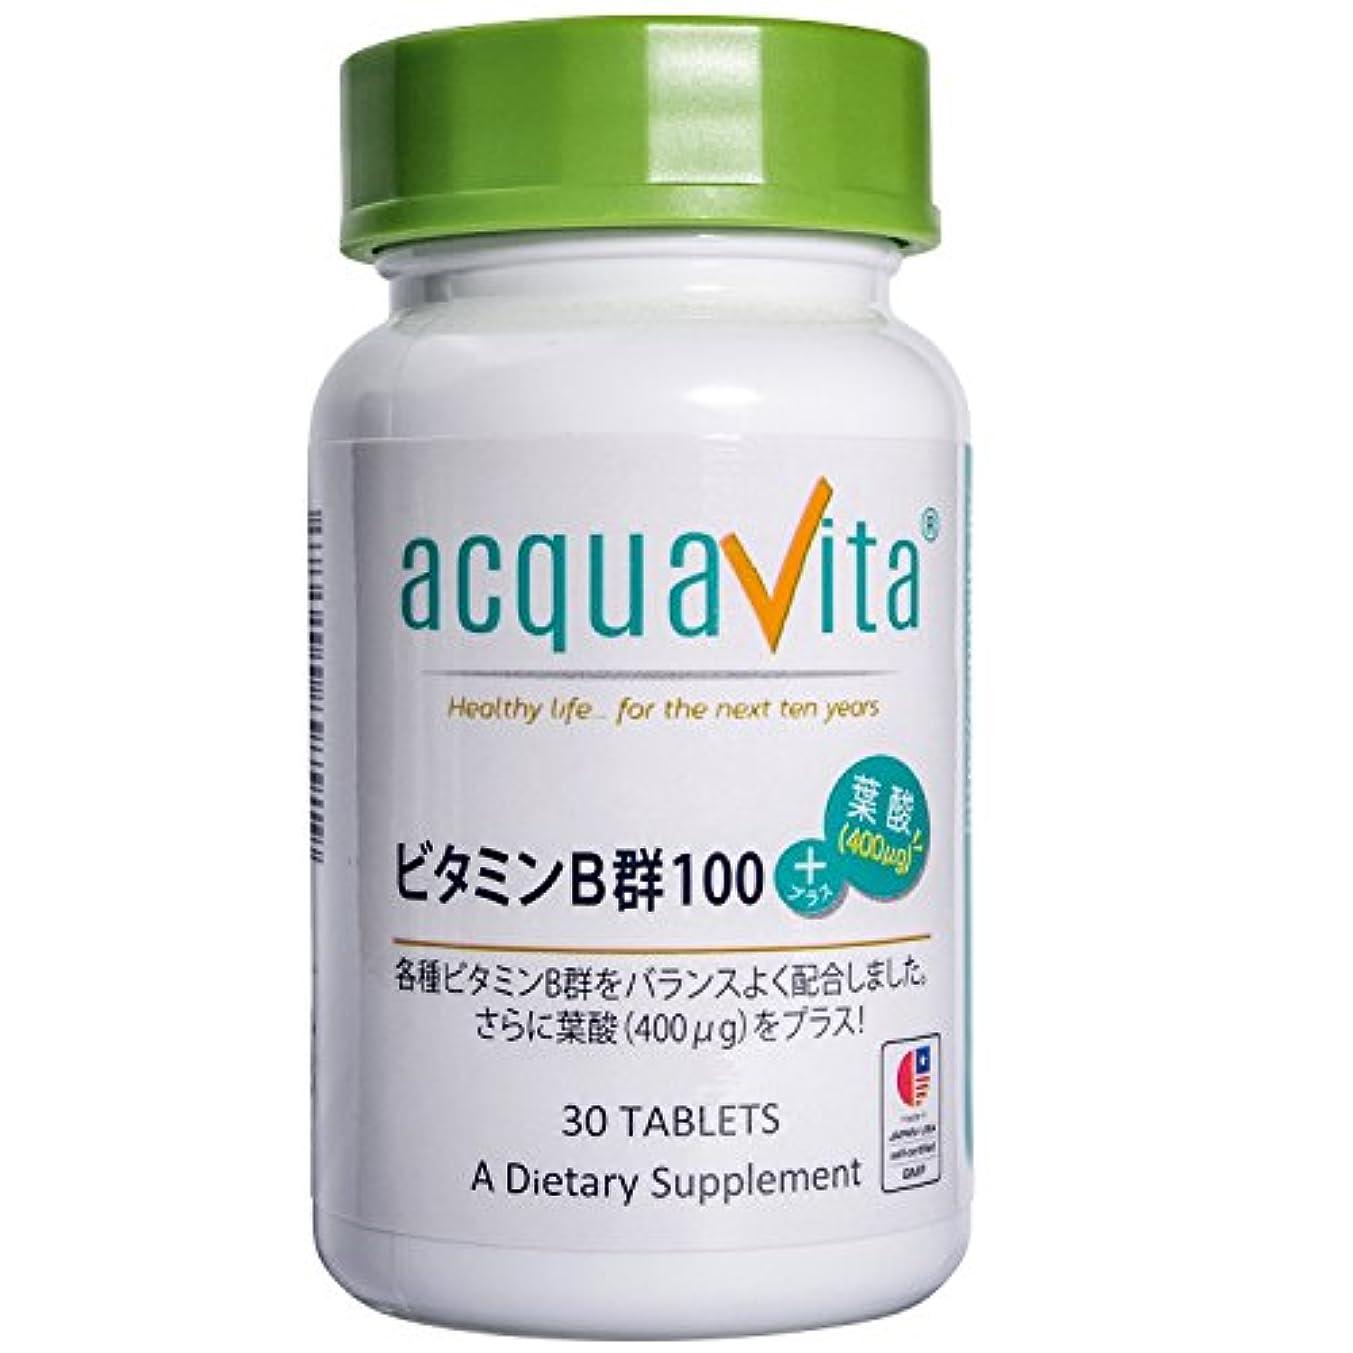 偽装するつなぐ駅acquavita(アクアヴィータ) ビタミンB群100+葉酸(400μg) 30粒